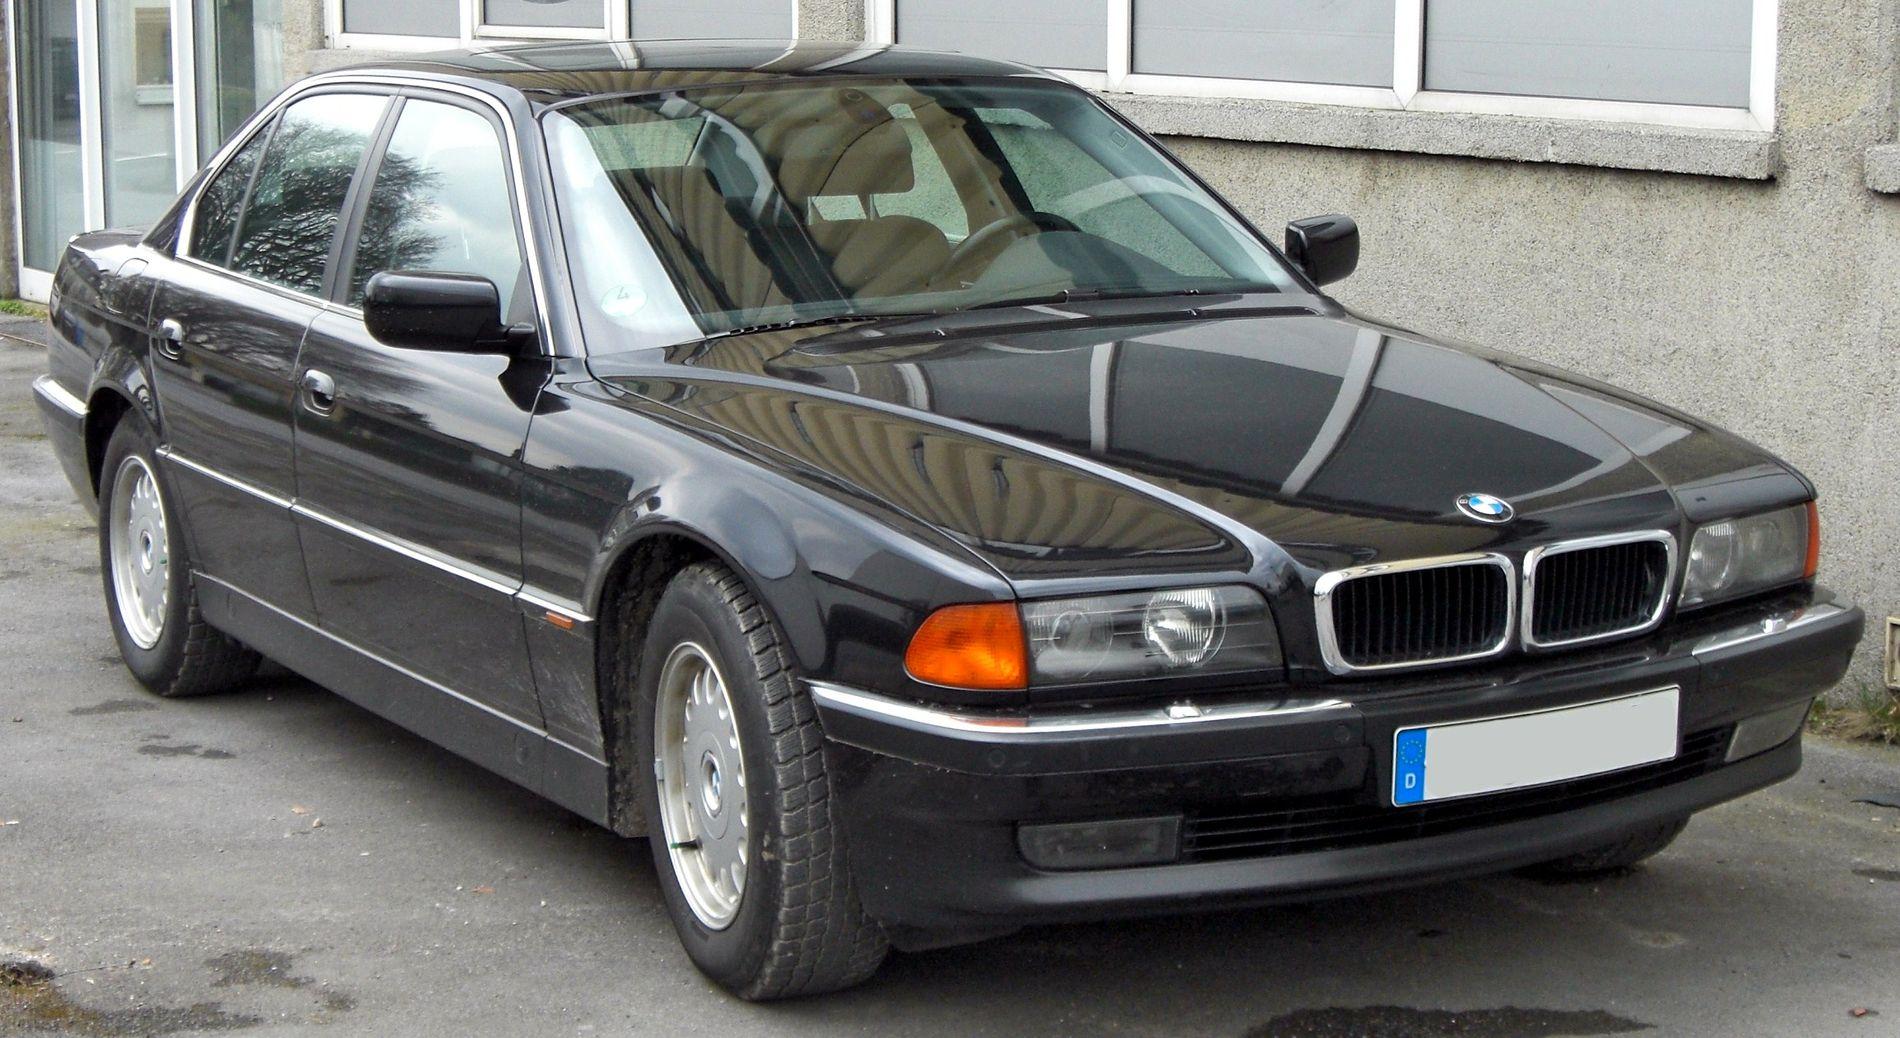 MYE GUFFE, INGEN AVGIFT: Den nye regjeringen vil fjerne engangsavgiften på bruktbimporterte biler eldre enn 20 år. Det betyr at blant annet store luksusbiler fra nittitallet blir vesentlig rimeligere å importere, dette er biler som også har høyt forbruk og utslipp. På bildet er tredje generasjon BMW 7-serie, som ble produsert fra 1994 til 2001.